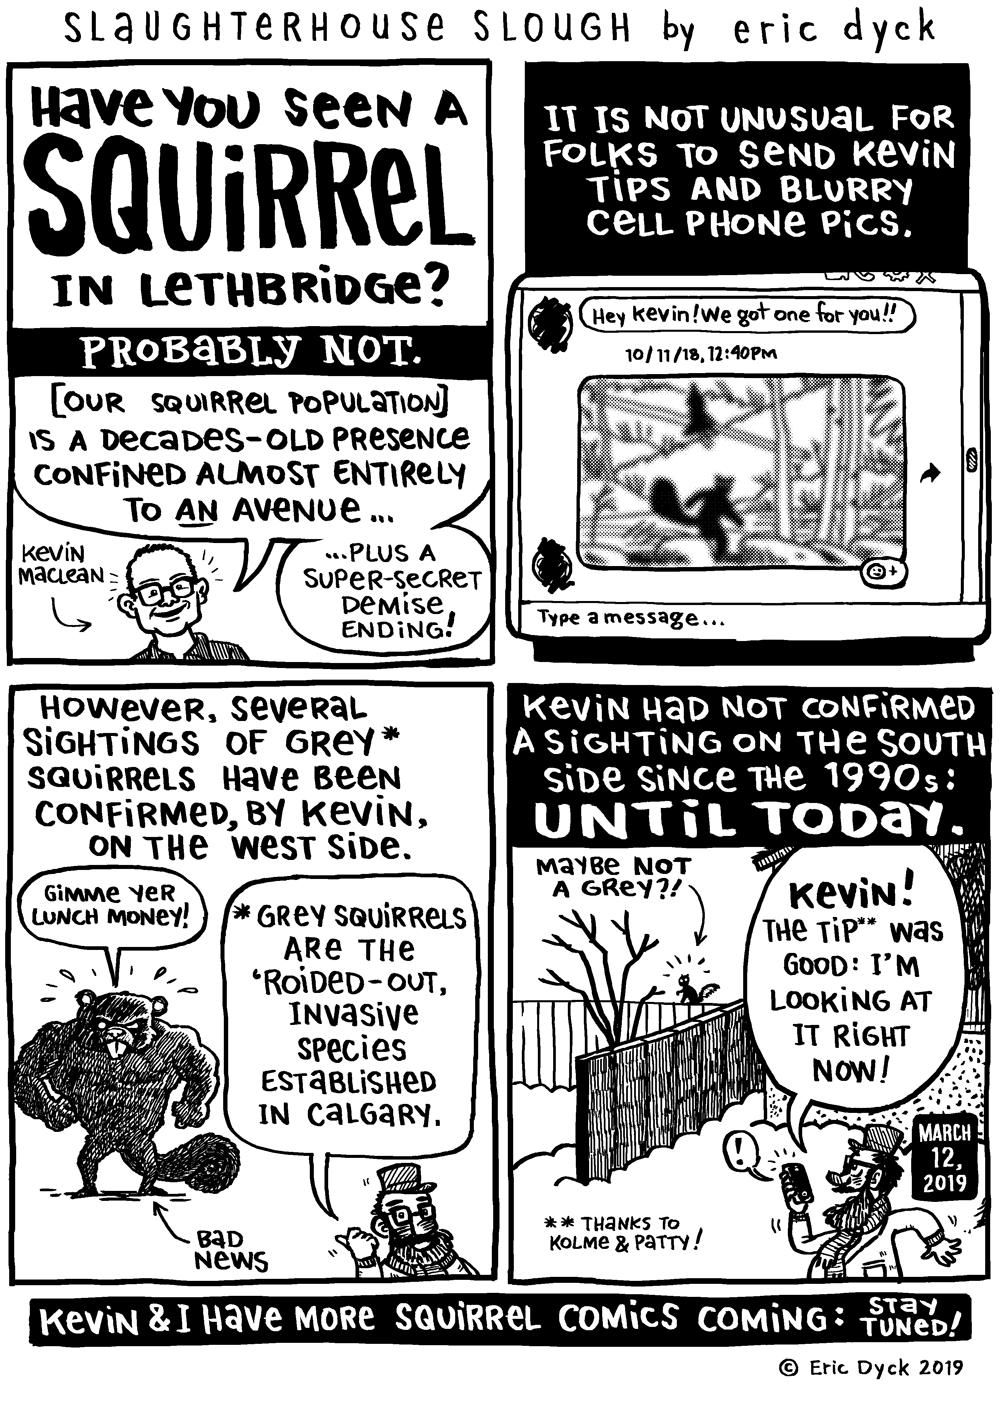 SLAUGHTERHOUSE SLOUGH: HAVE YOU SEEN A SQUIRREL? — ericdyck com